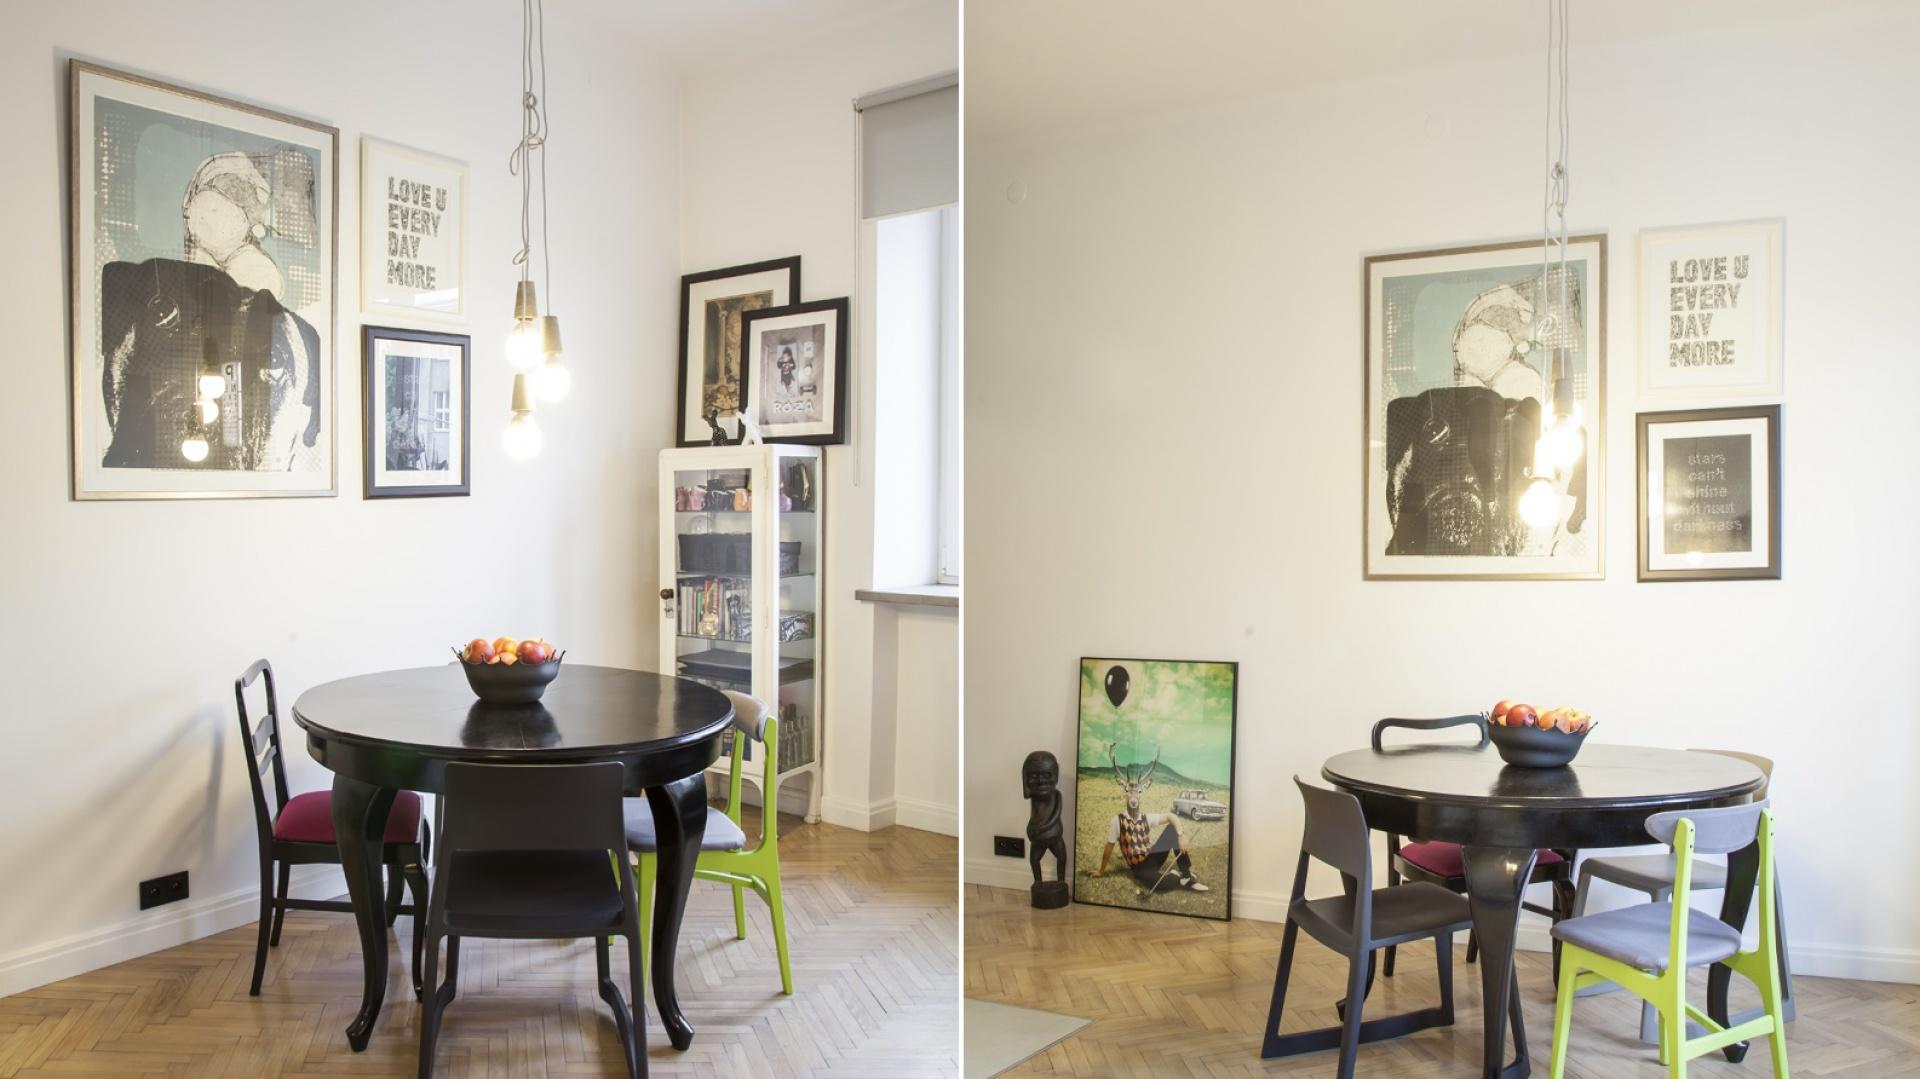 W mieszkaniu ważną rolę odgrywają detale, jak edisonowskie żarówki zwisające na odsłoniętych oplotach i obramowane grafiki i sentencje. Projekt: Joanna Pytlewska-Bil i Danuta Dziubek. Zdjęcia: Łukasz Borusowski.